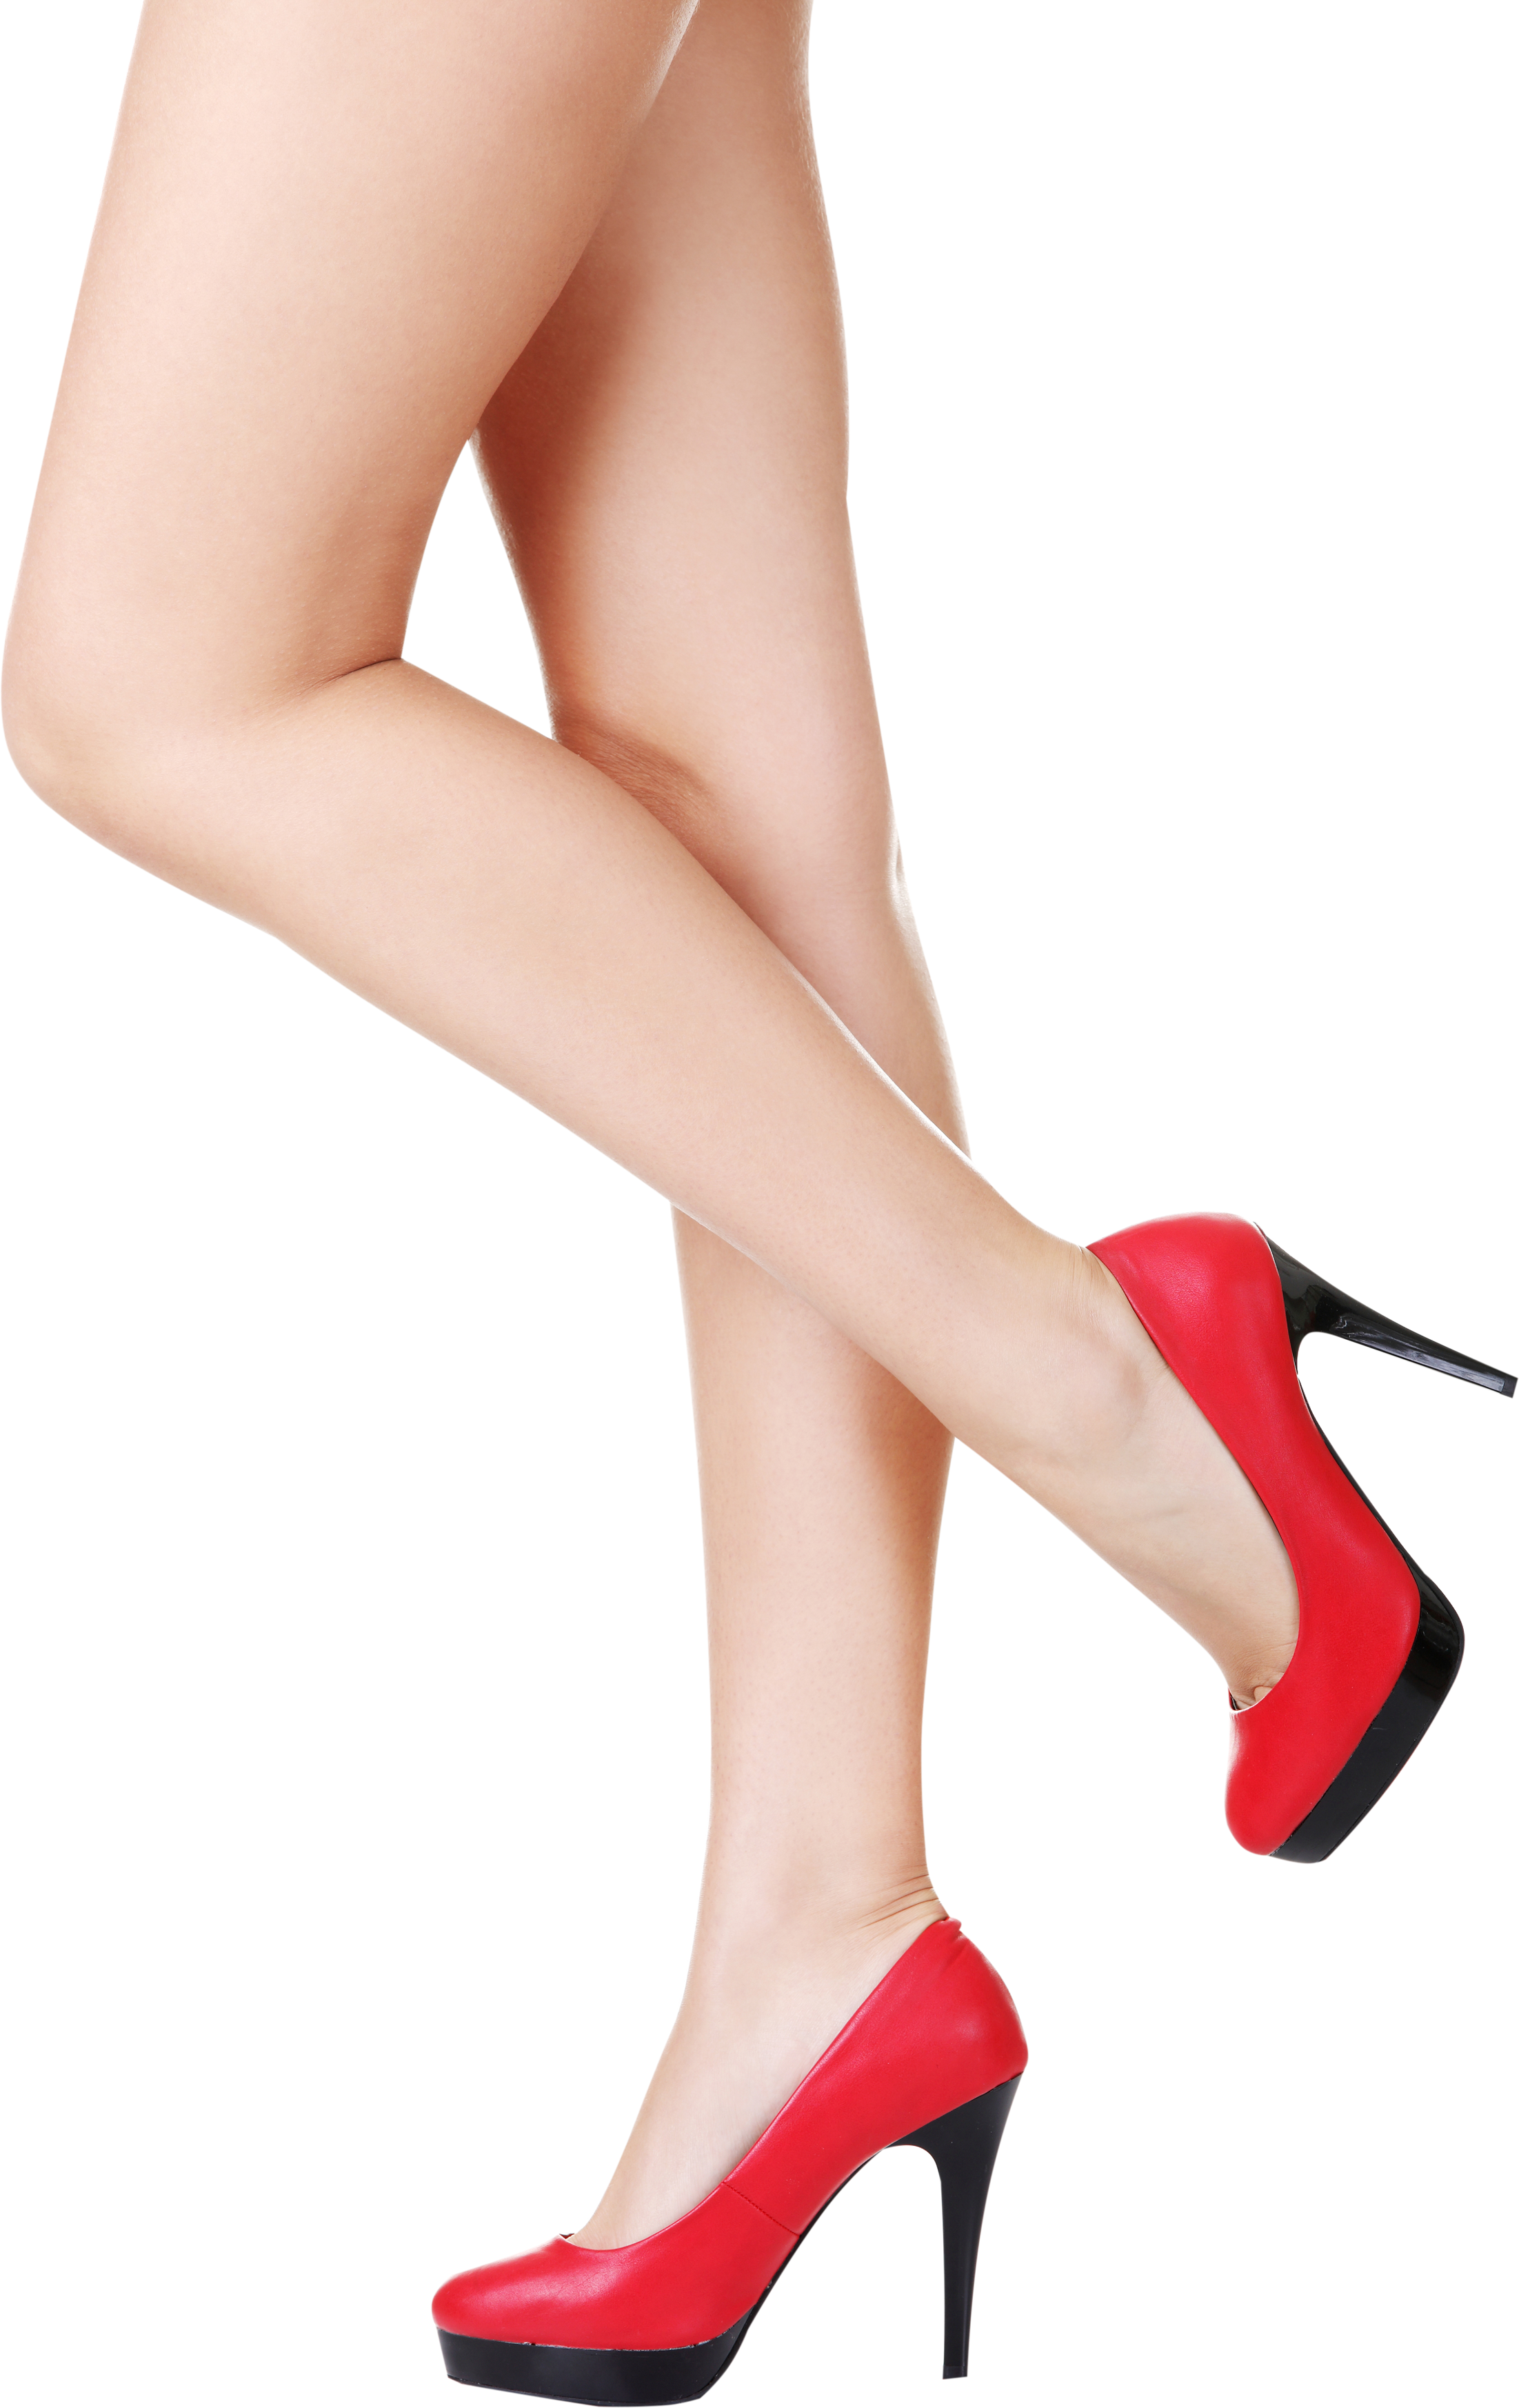 Foot clipart foot heel. Women legs png image